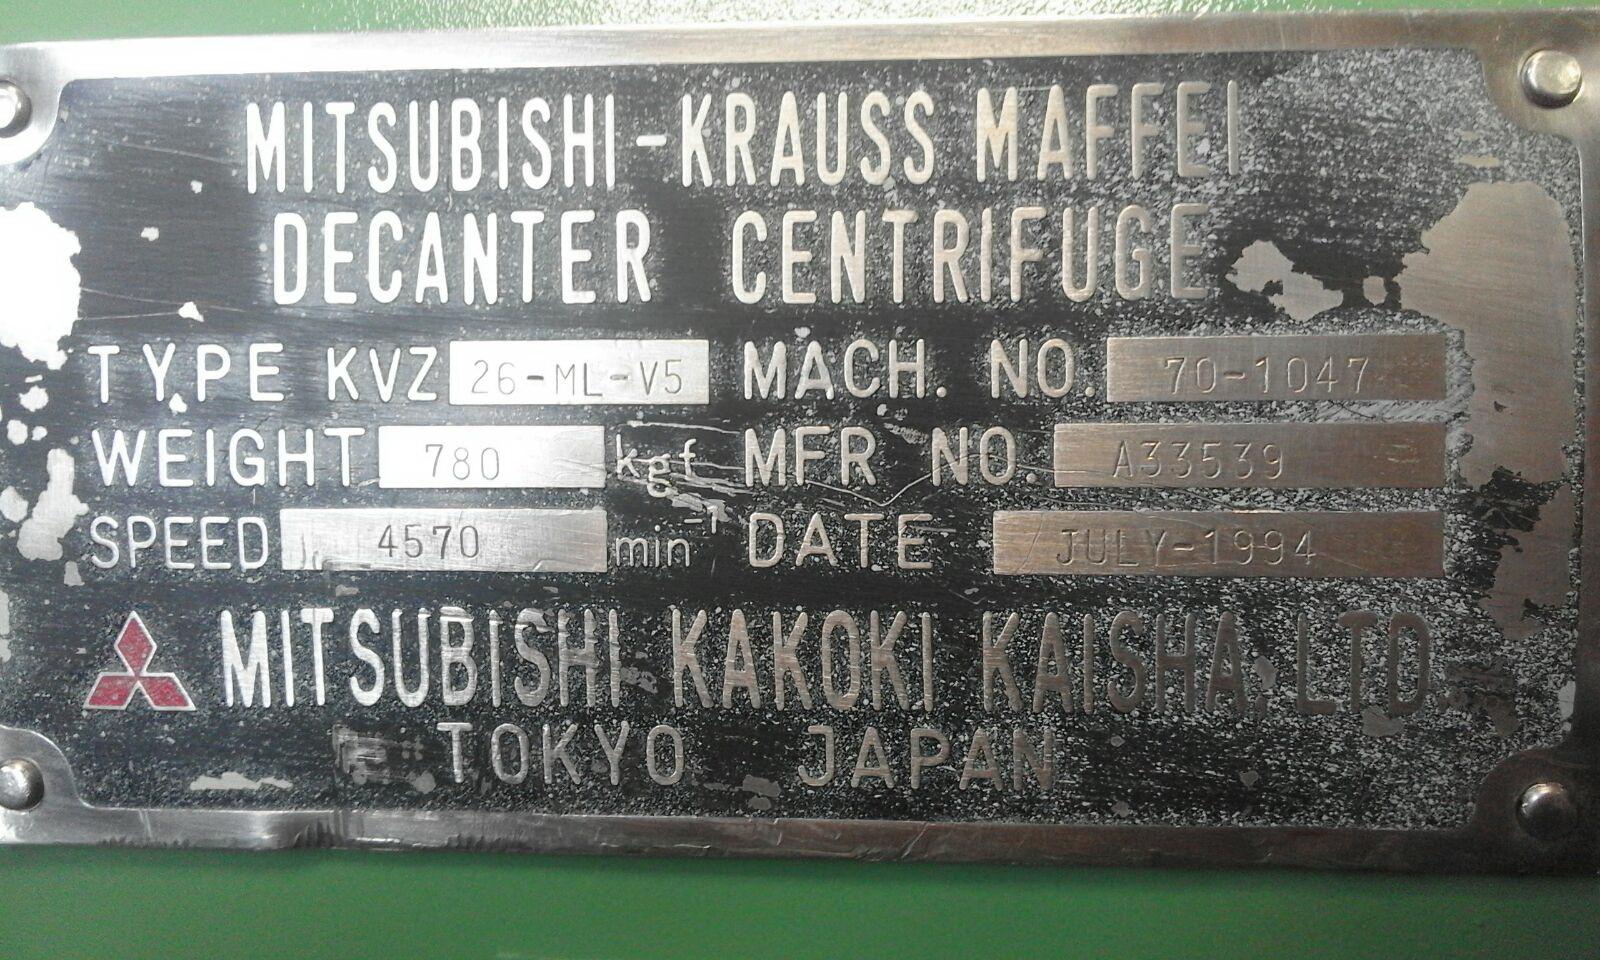 Krauss-Maffei KVZ-26-ML-V5 decanter centrifuge, 316SS.